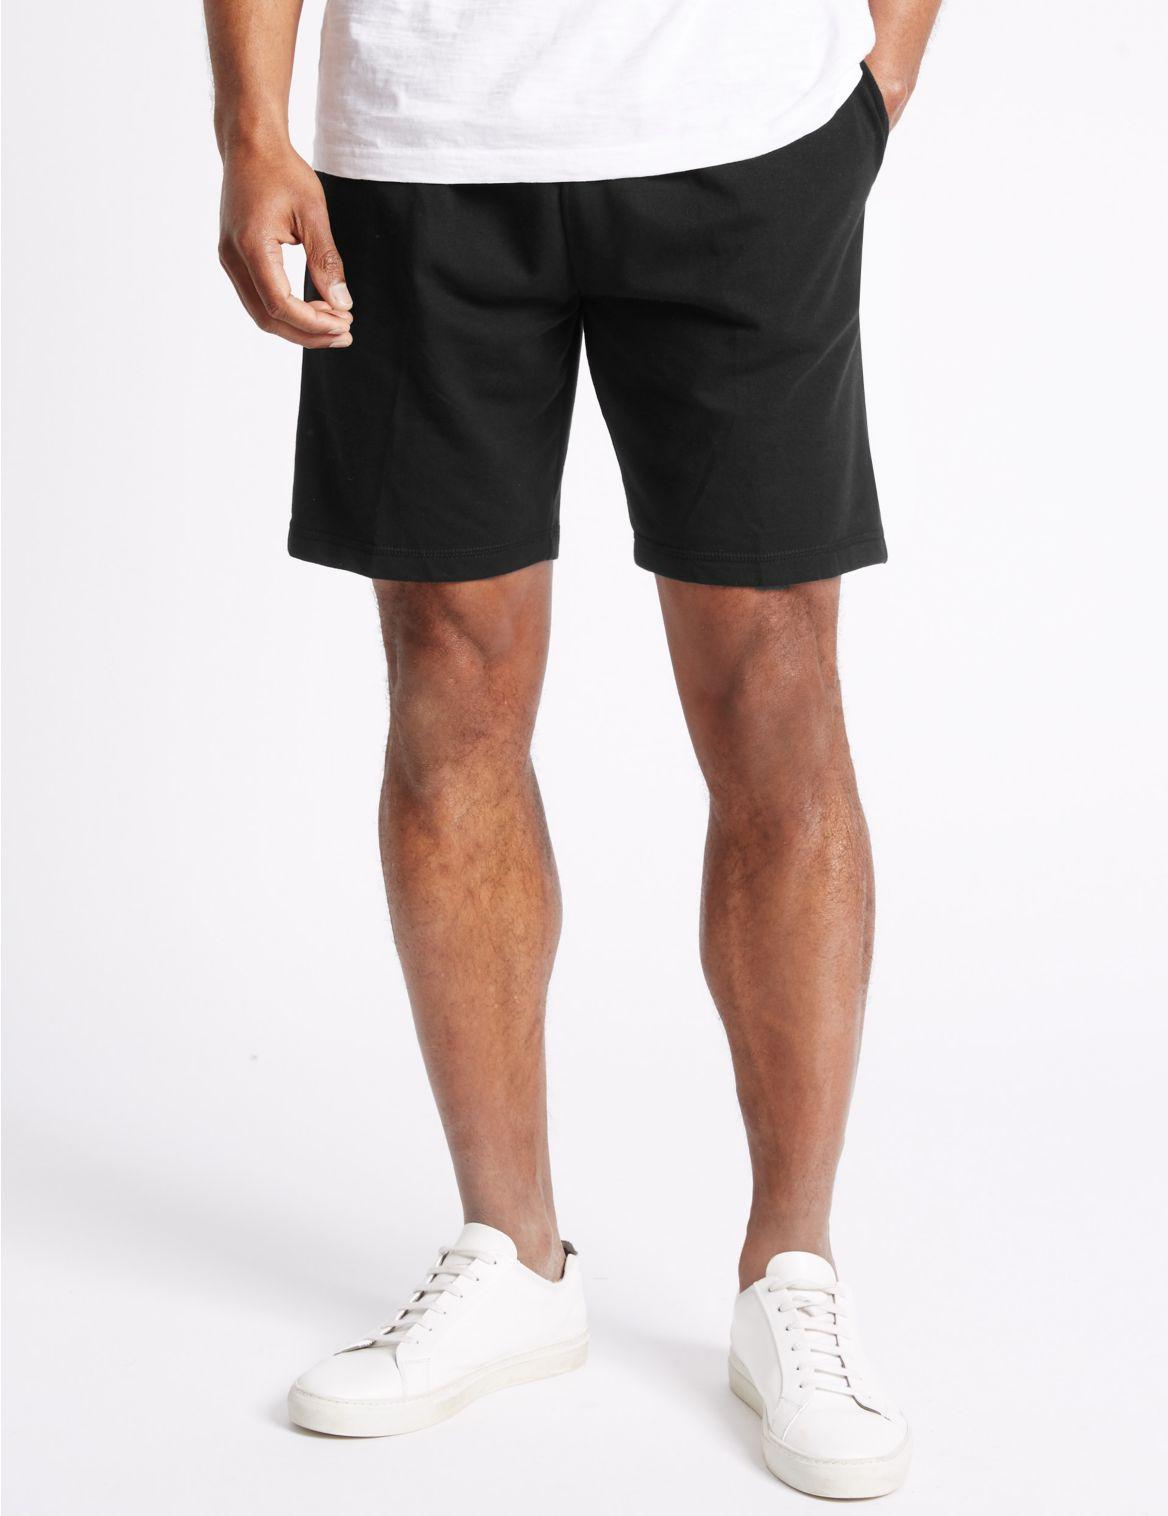 . StyleForme du produit:Short de sport;Coupe standard;Taille ??lastique;Tissu extensible